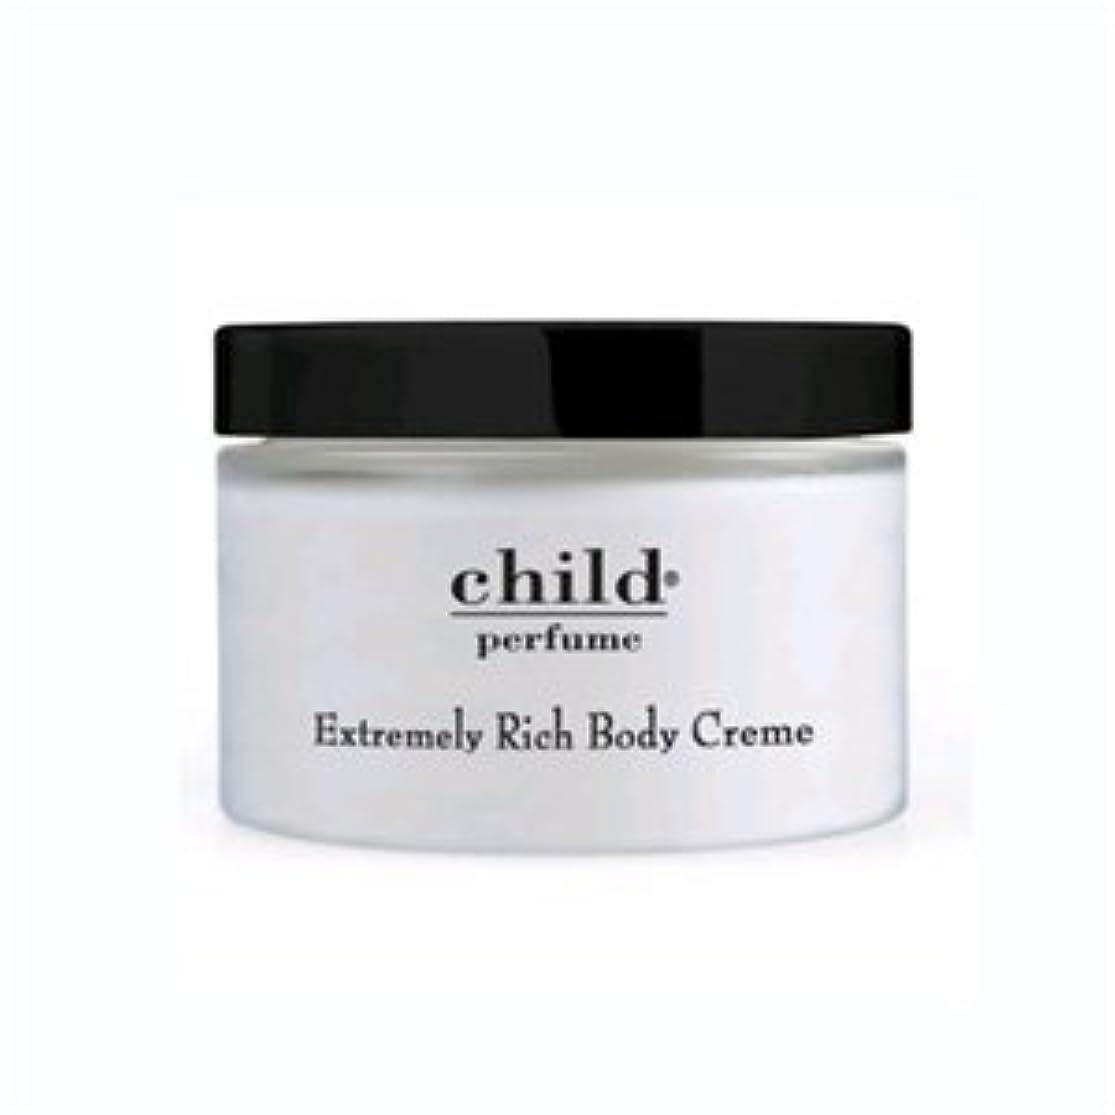 製品ユダヤ人面倒Child Extremely Rich Body Creme (チャイルド エクストリームリーリッチ ボディークリーム) 8.0 oz (240ml) by Child for Women